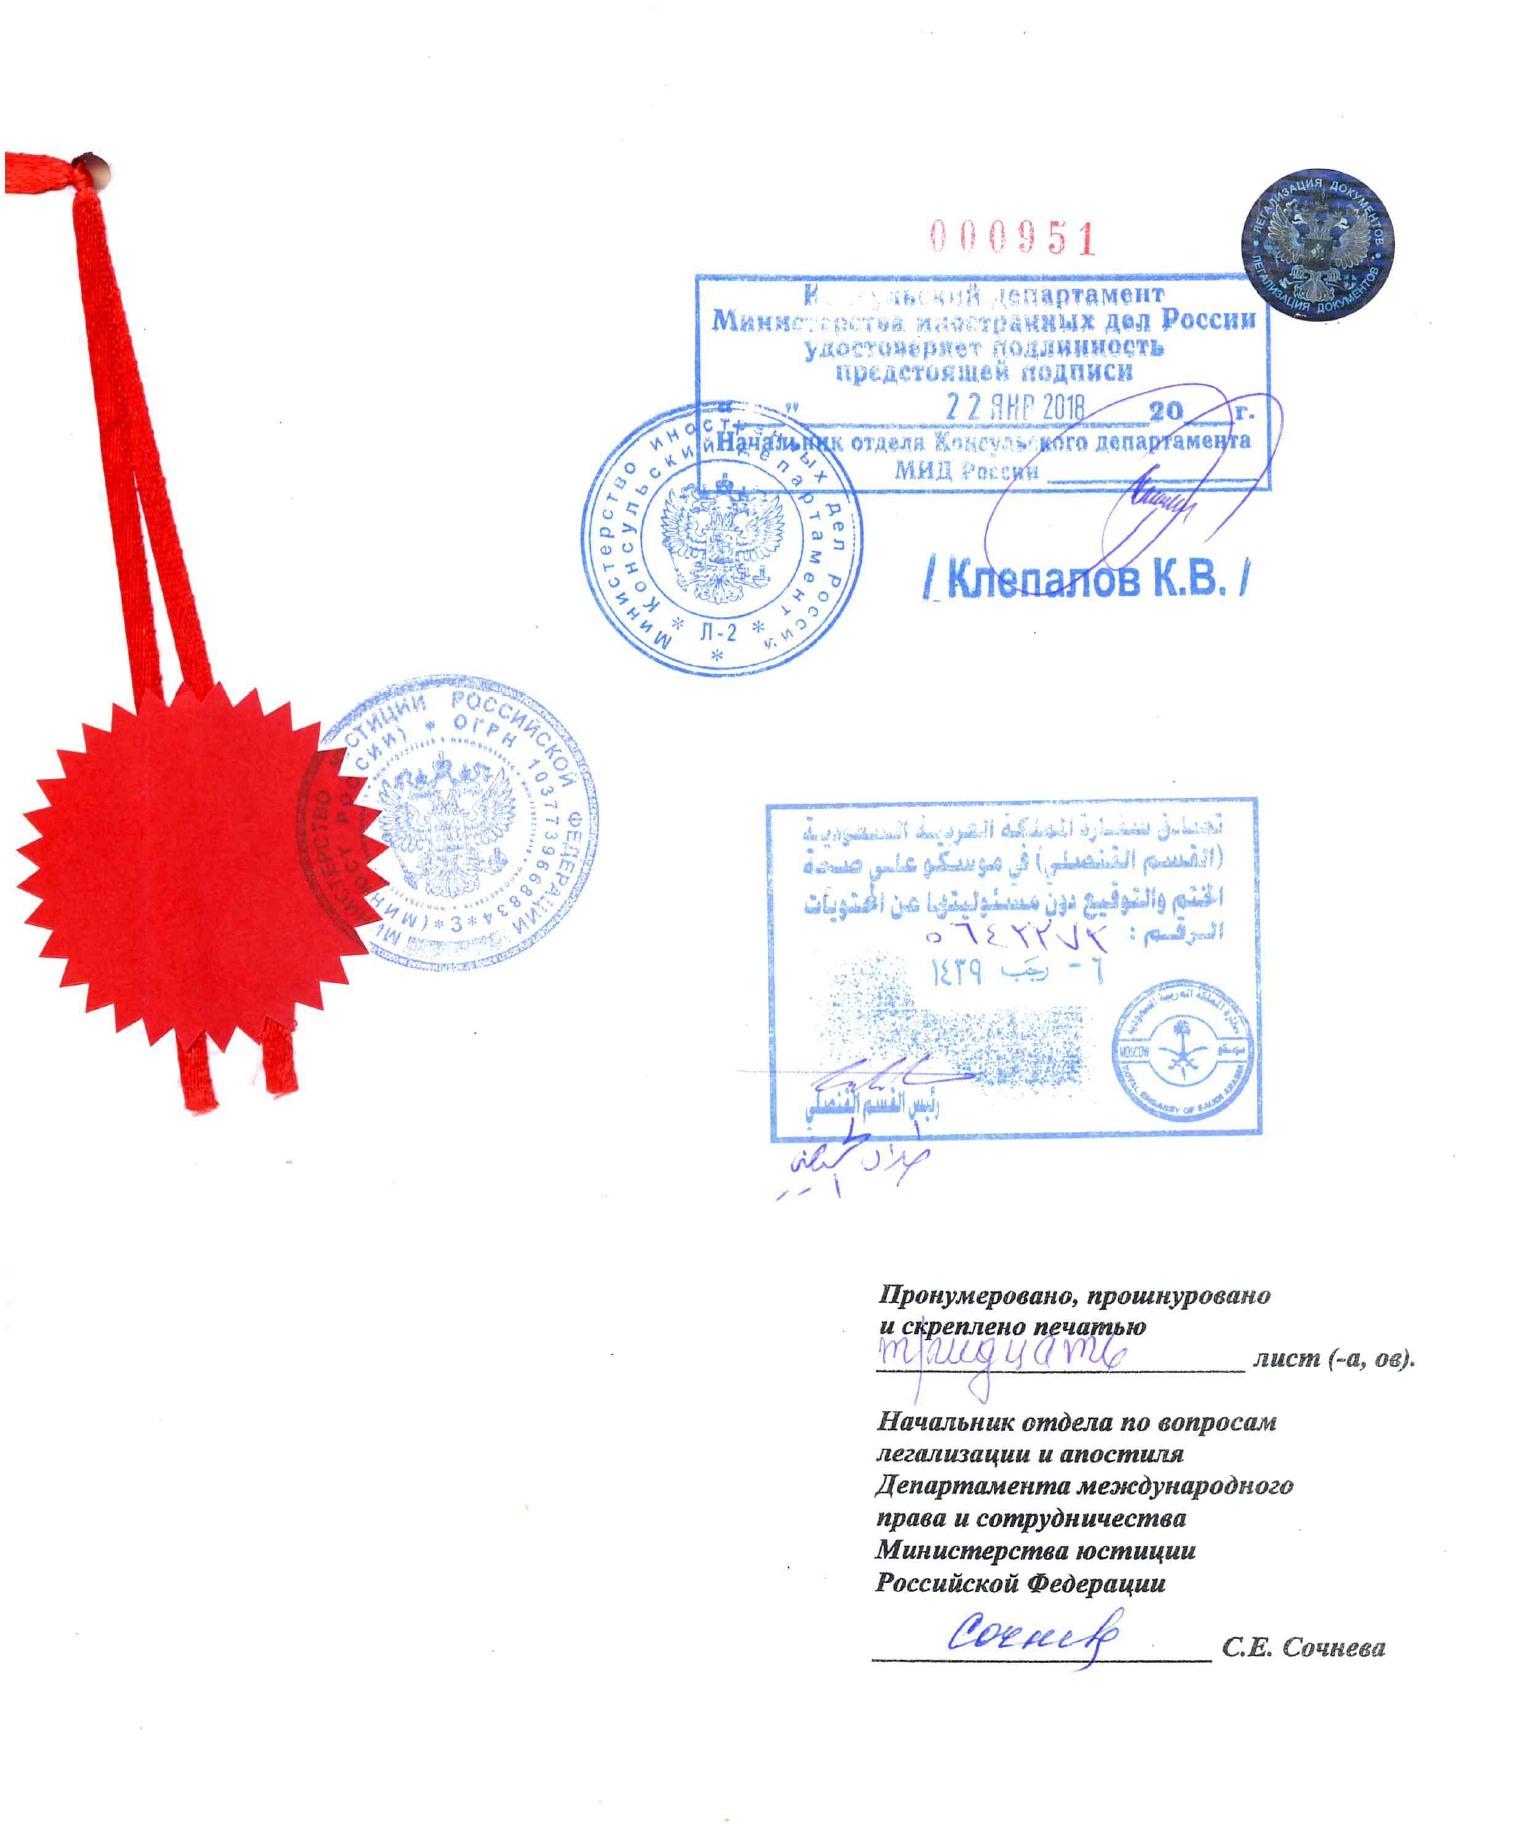 Образец консульской легализации выписки из ЕГРЮЛ российской компании для Саудовской Аравии